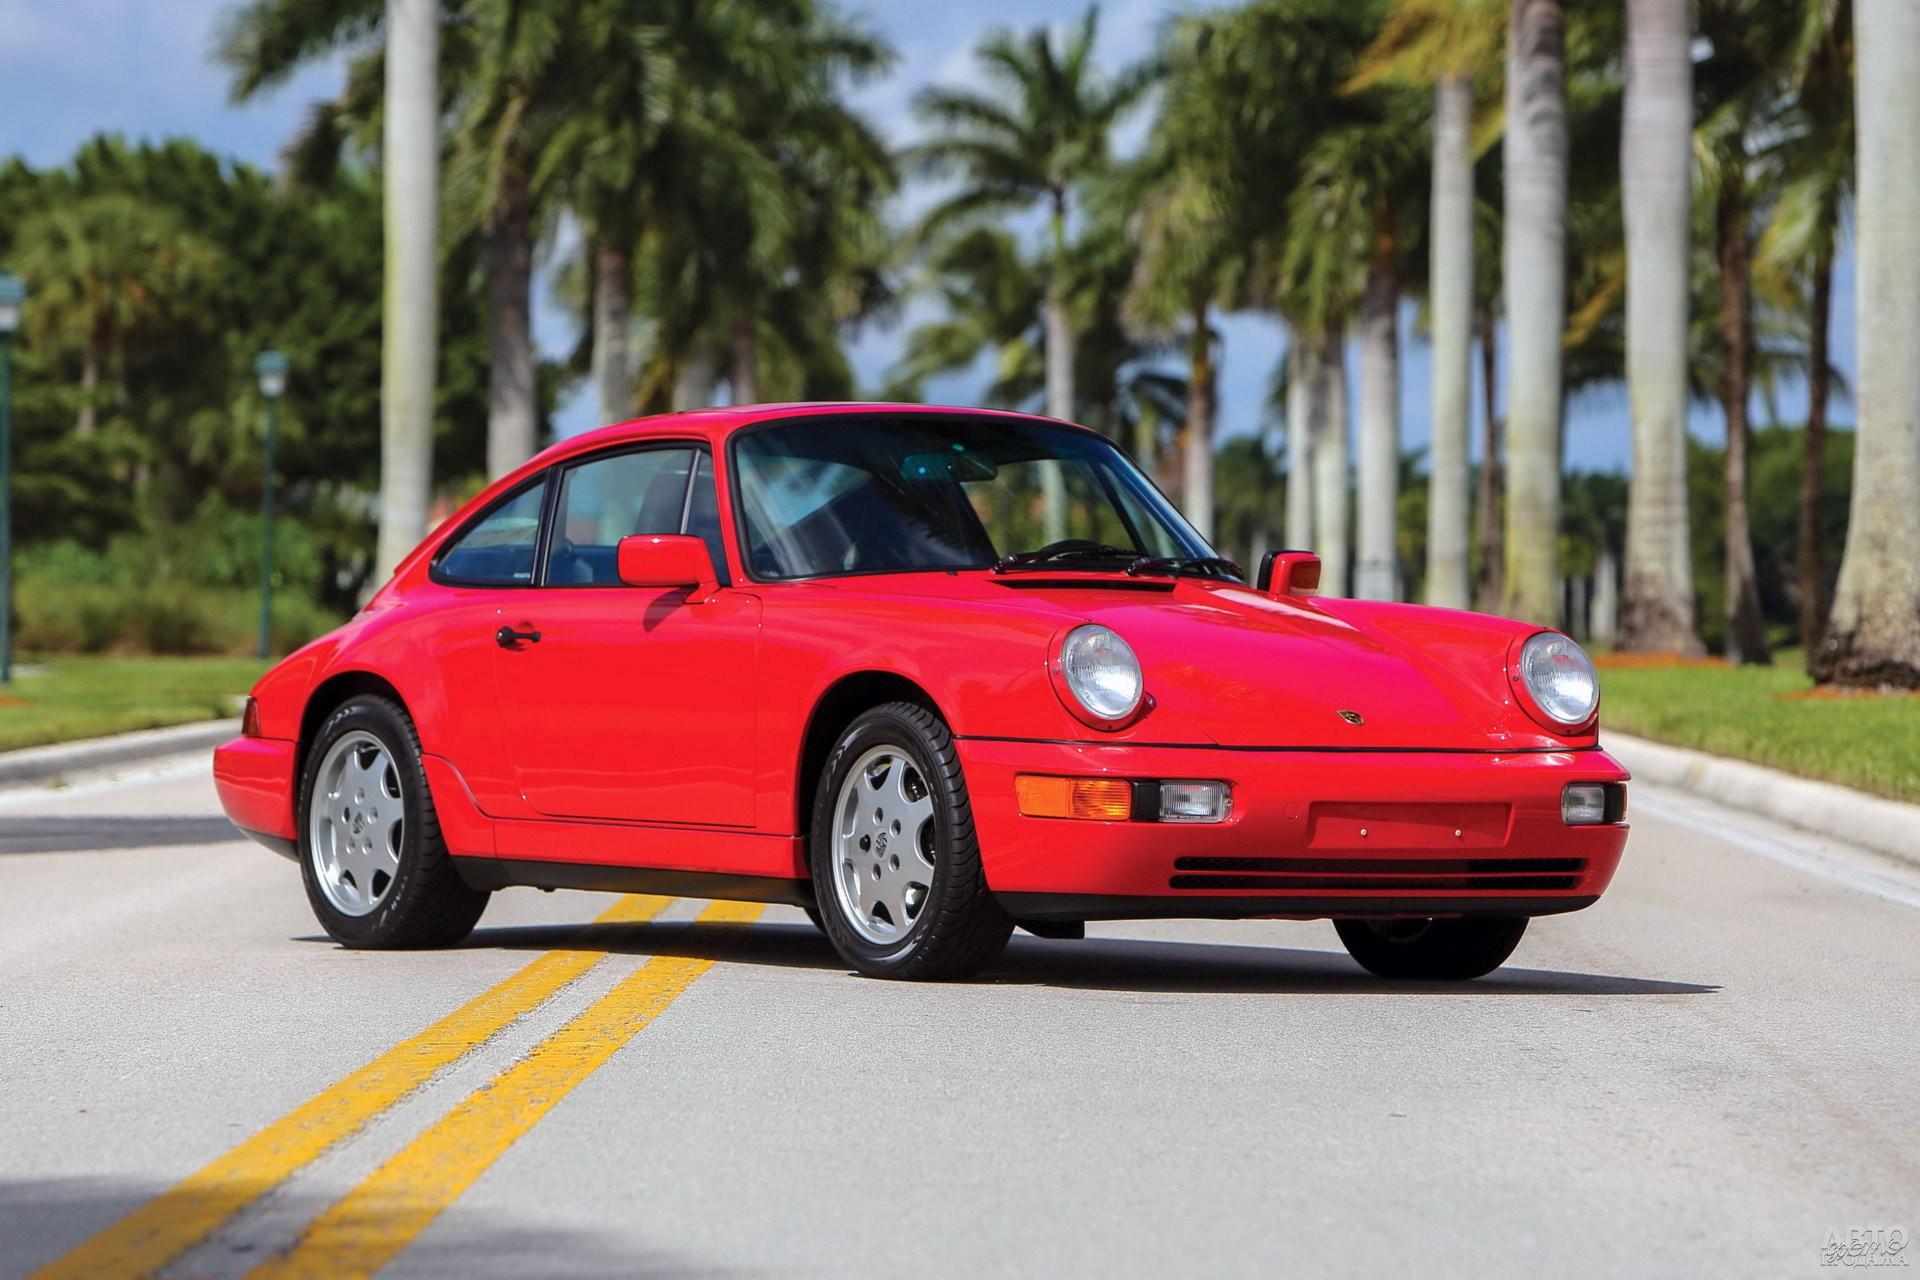 Новое поколение 911 1989 года получило полный привод, ABS и усилитель руля